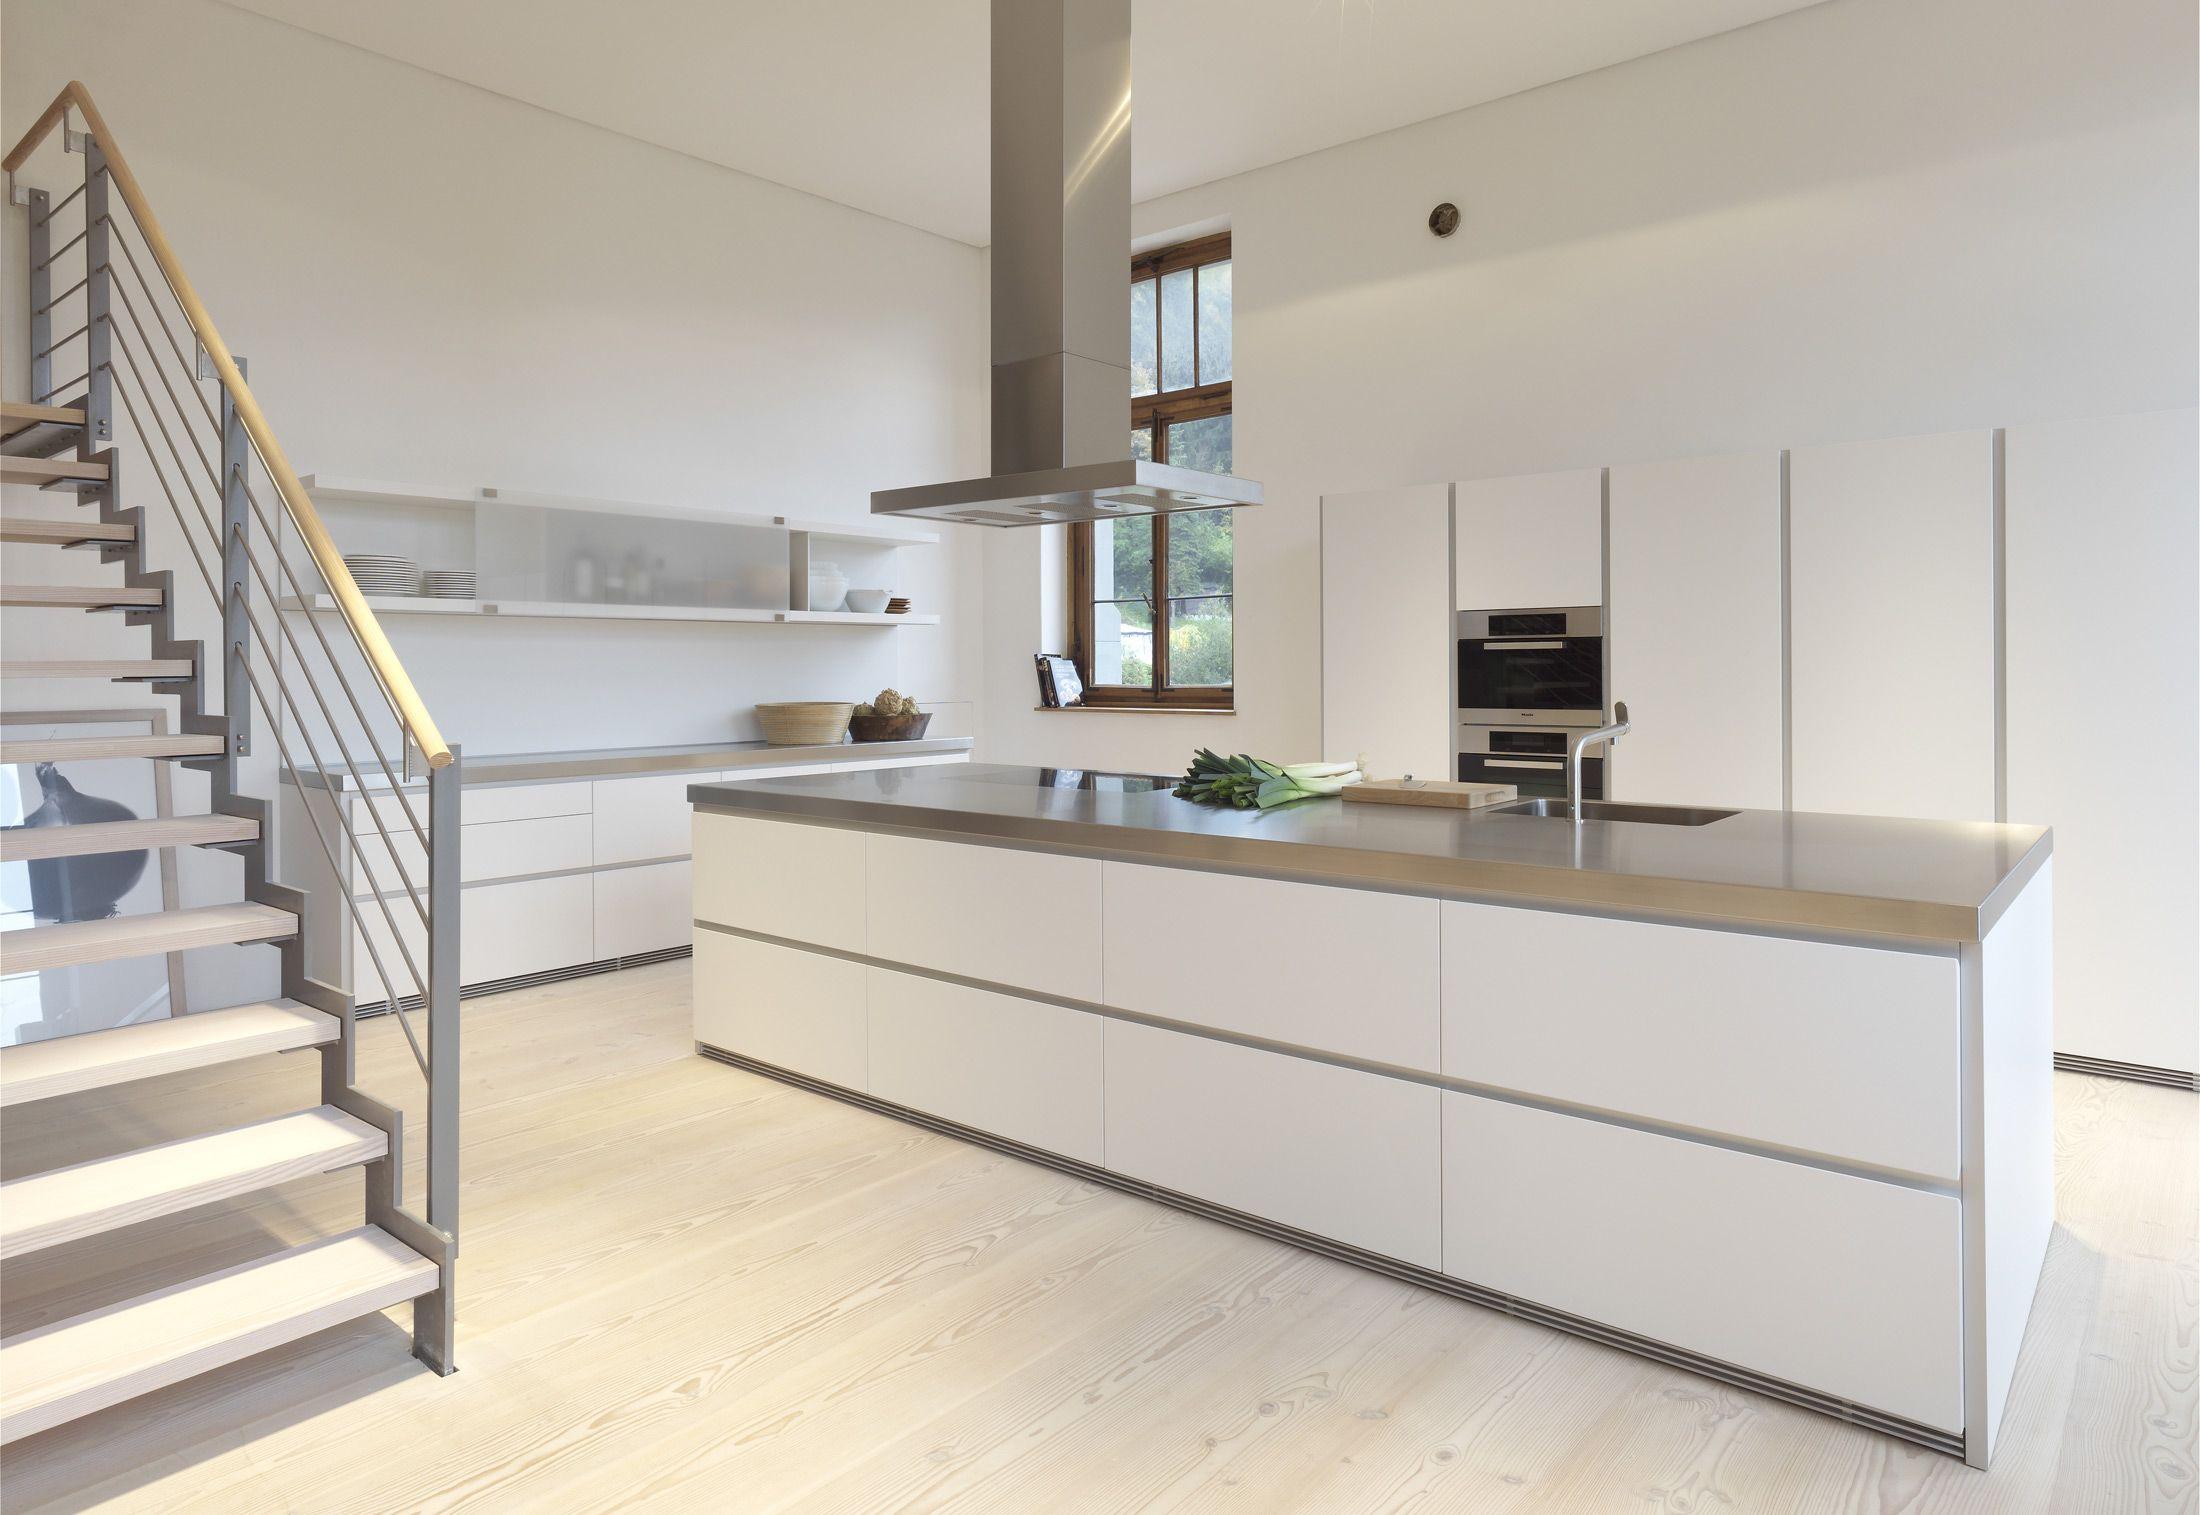 Bulthaup B1 By Bulthaup Fitted Kitchens Design At Stylepark Kitchen Design Decor Minimalist Kitchen Design Luxury Kitchens